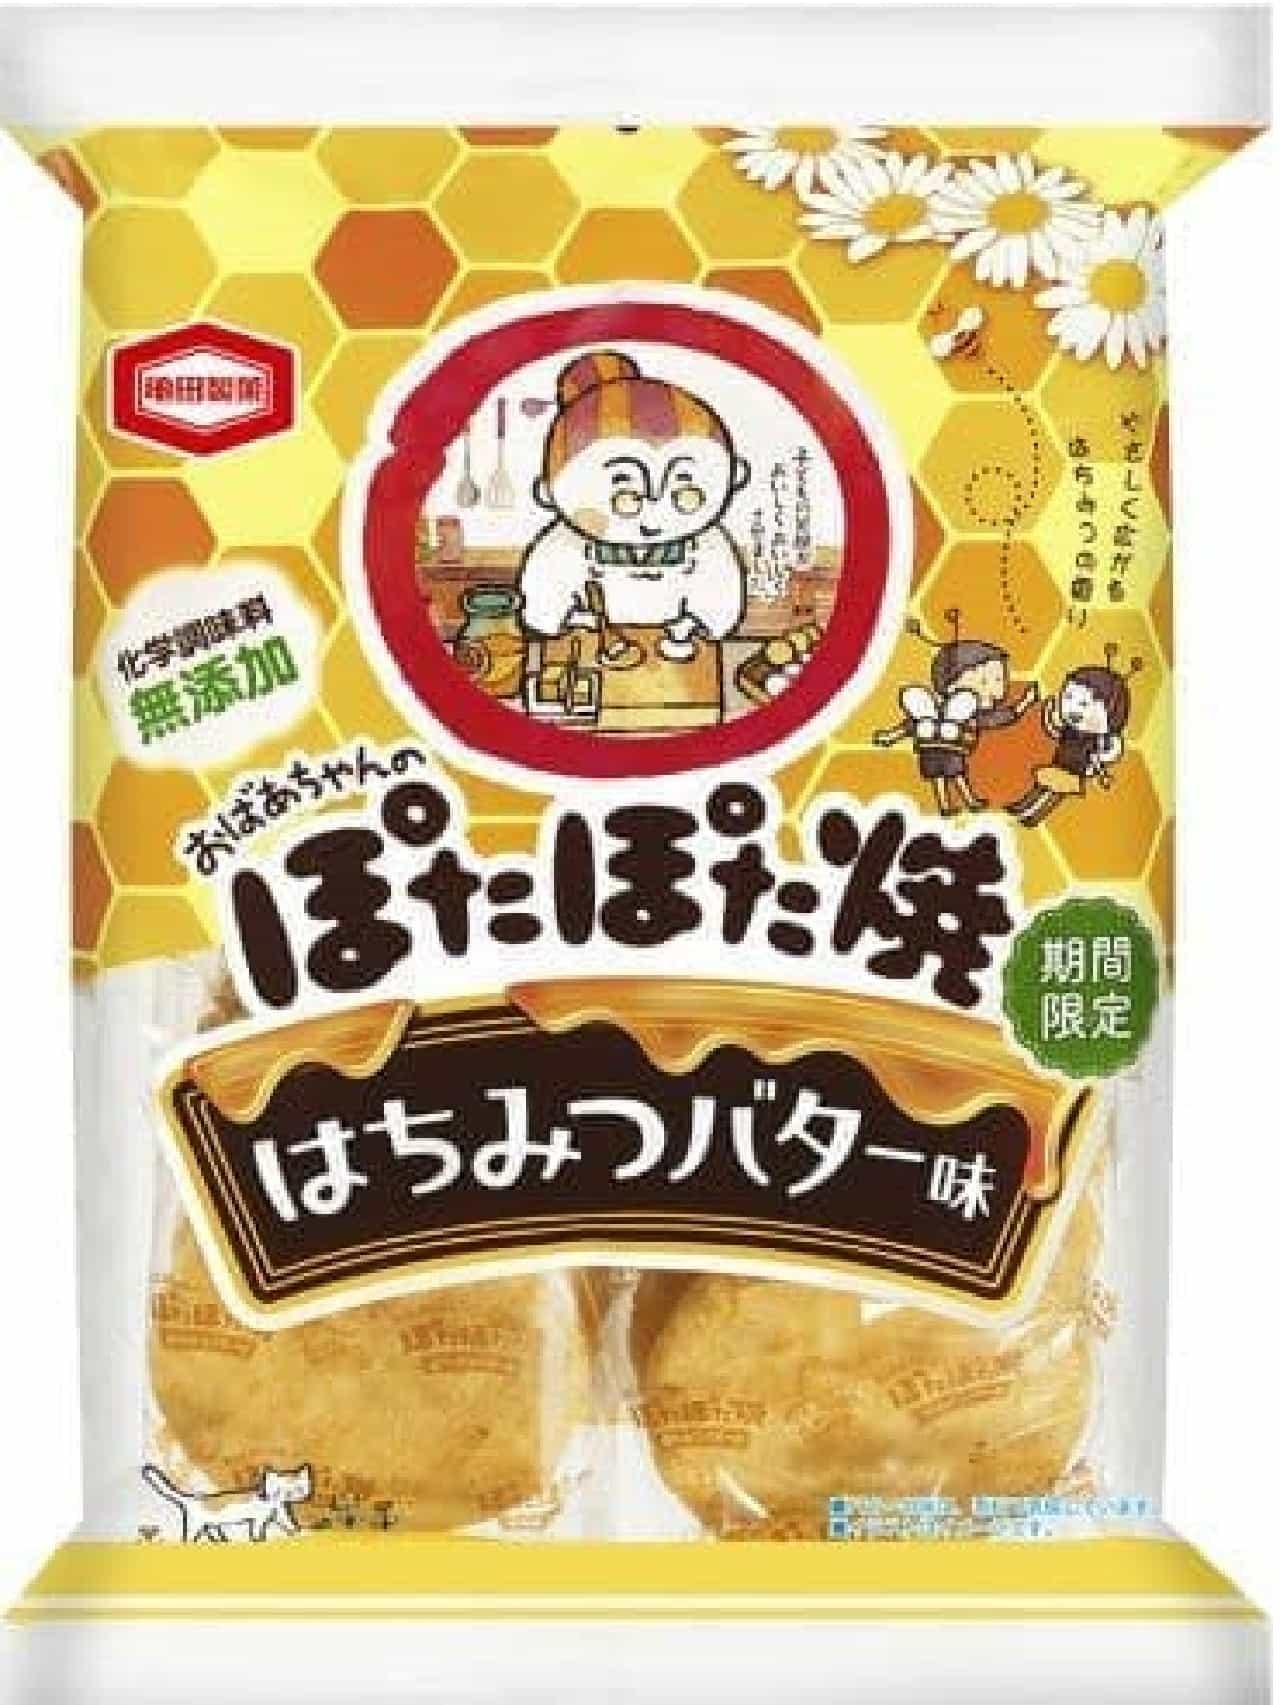 亀田製菓「ぽたぽた焼 はちみつバター味」